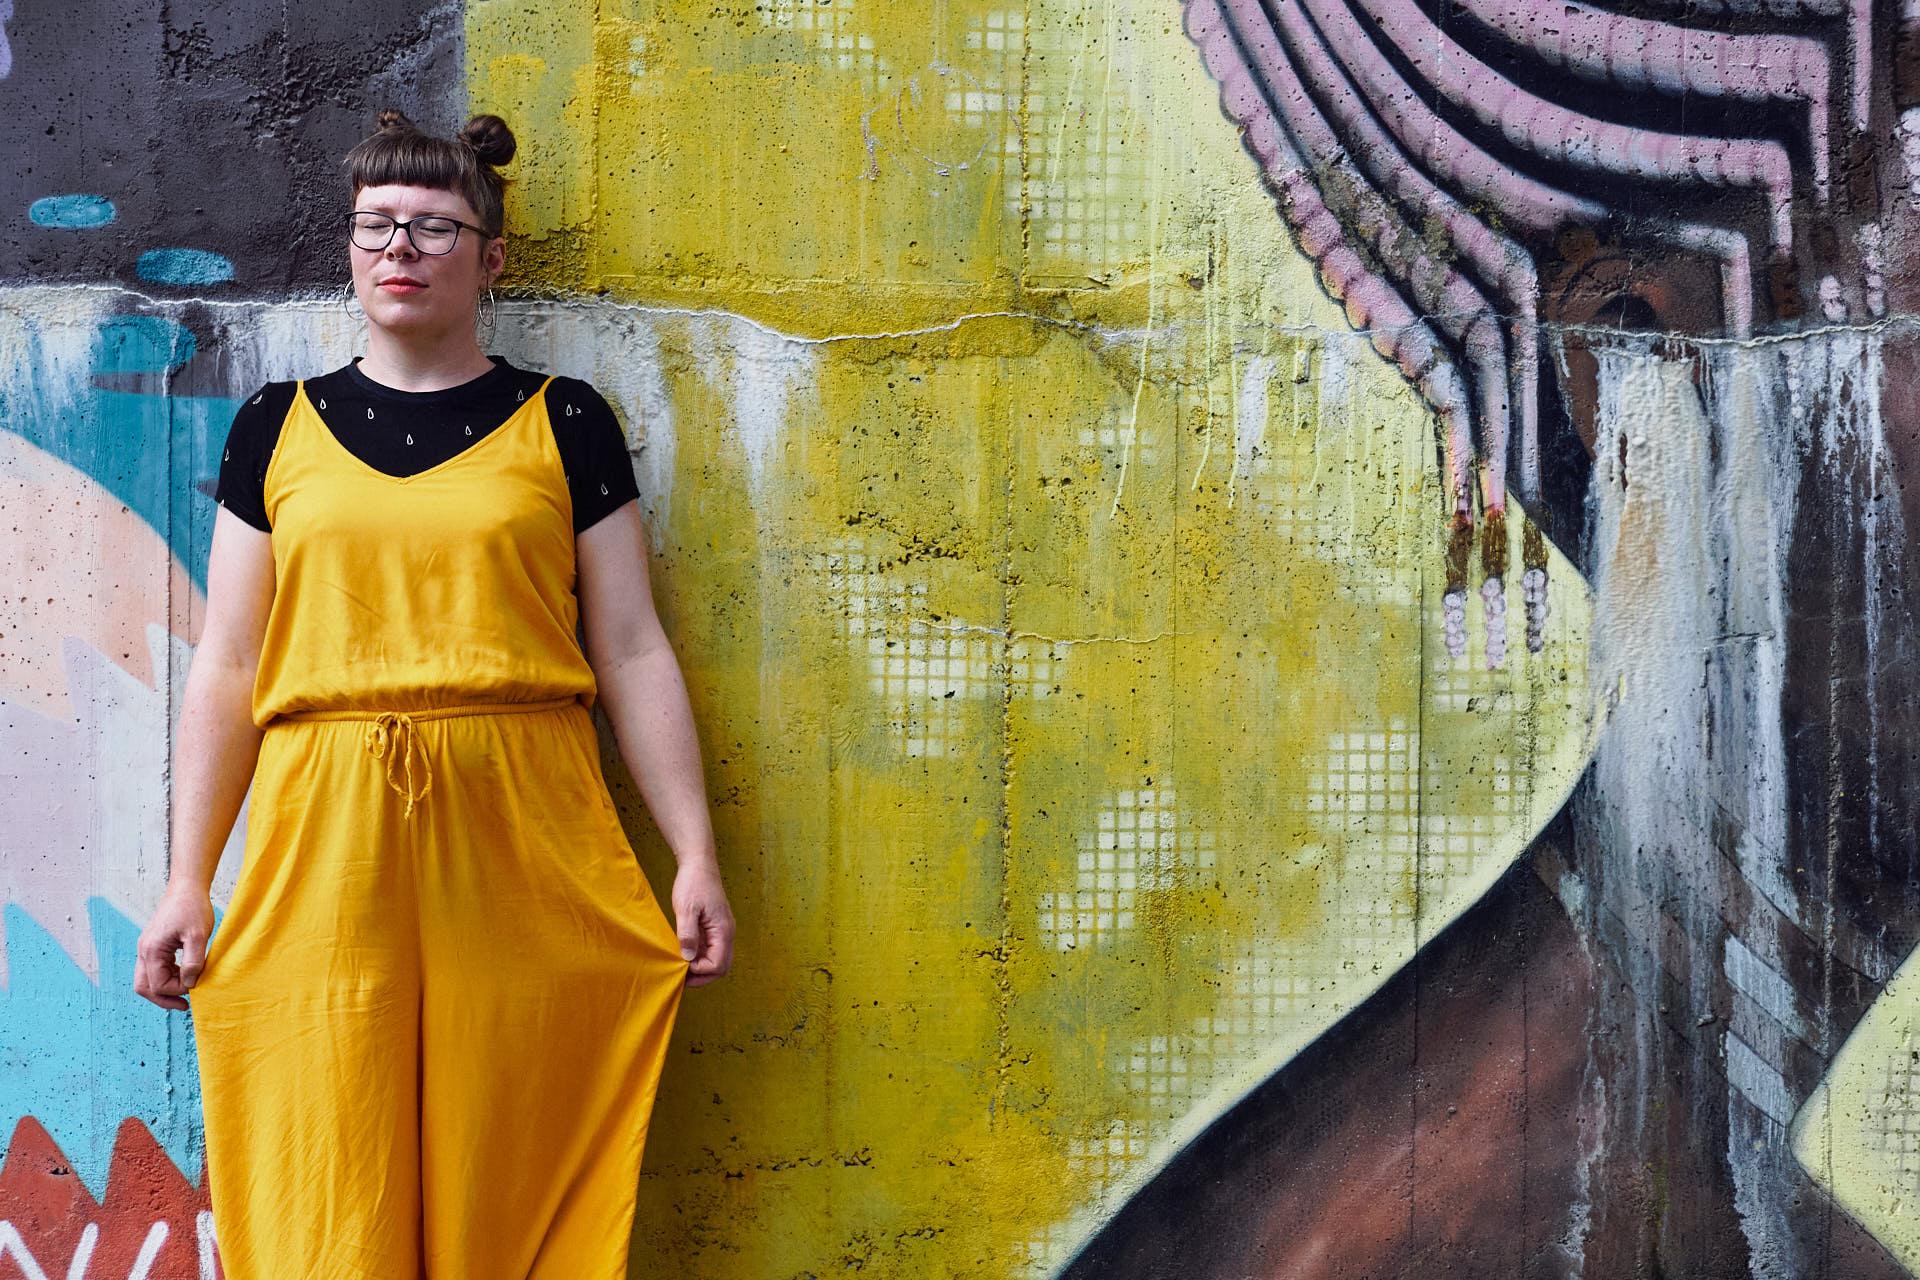 Sängerin Gitte Wolffson posiert vor Street Art bei einem Personal Branding Shooting in Köln Ehrenfeld